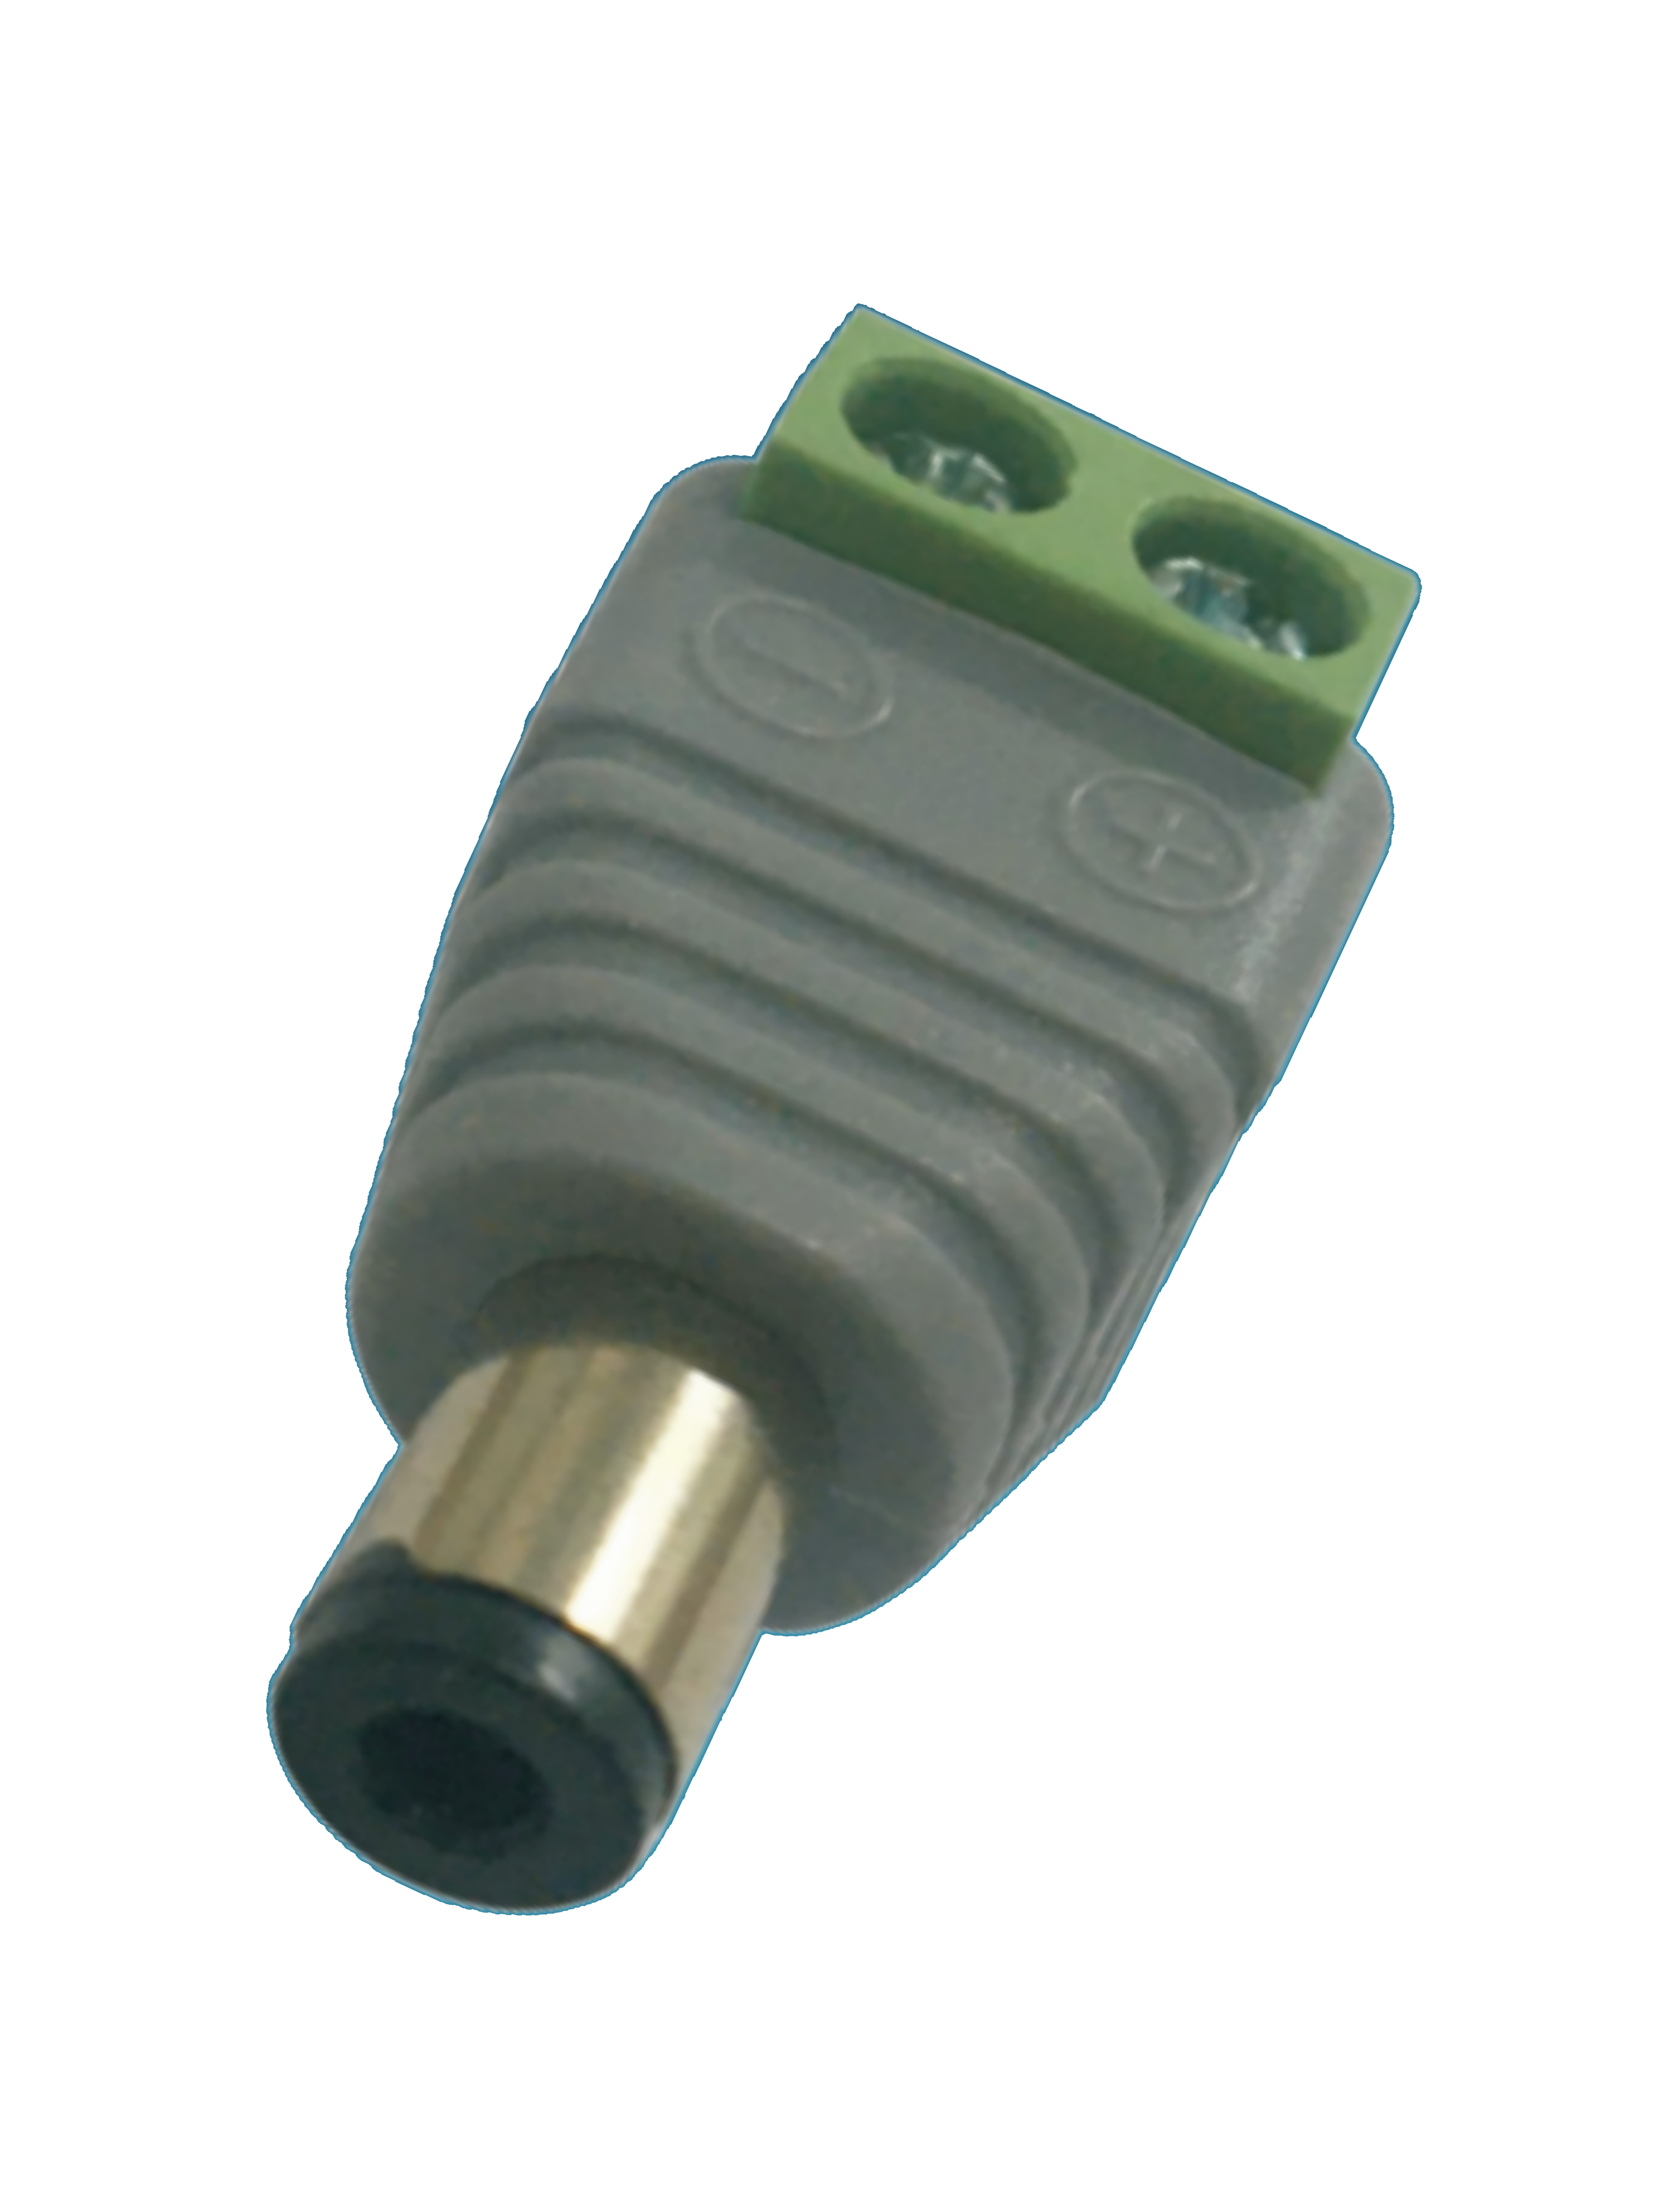 SAXXON PSUBR12H - Bolsa de 10 conectores macho para fuente de poder / Resistente a la oxidacion / Bloque para atornillar positivo y negativo